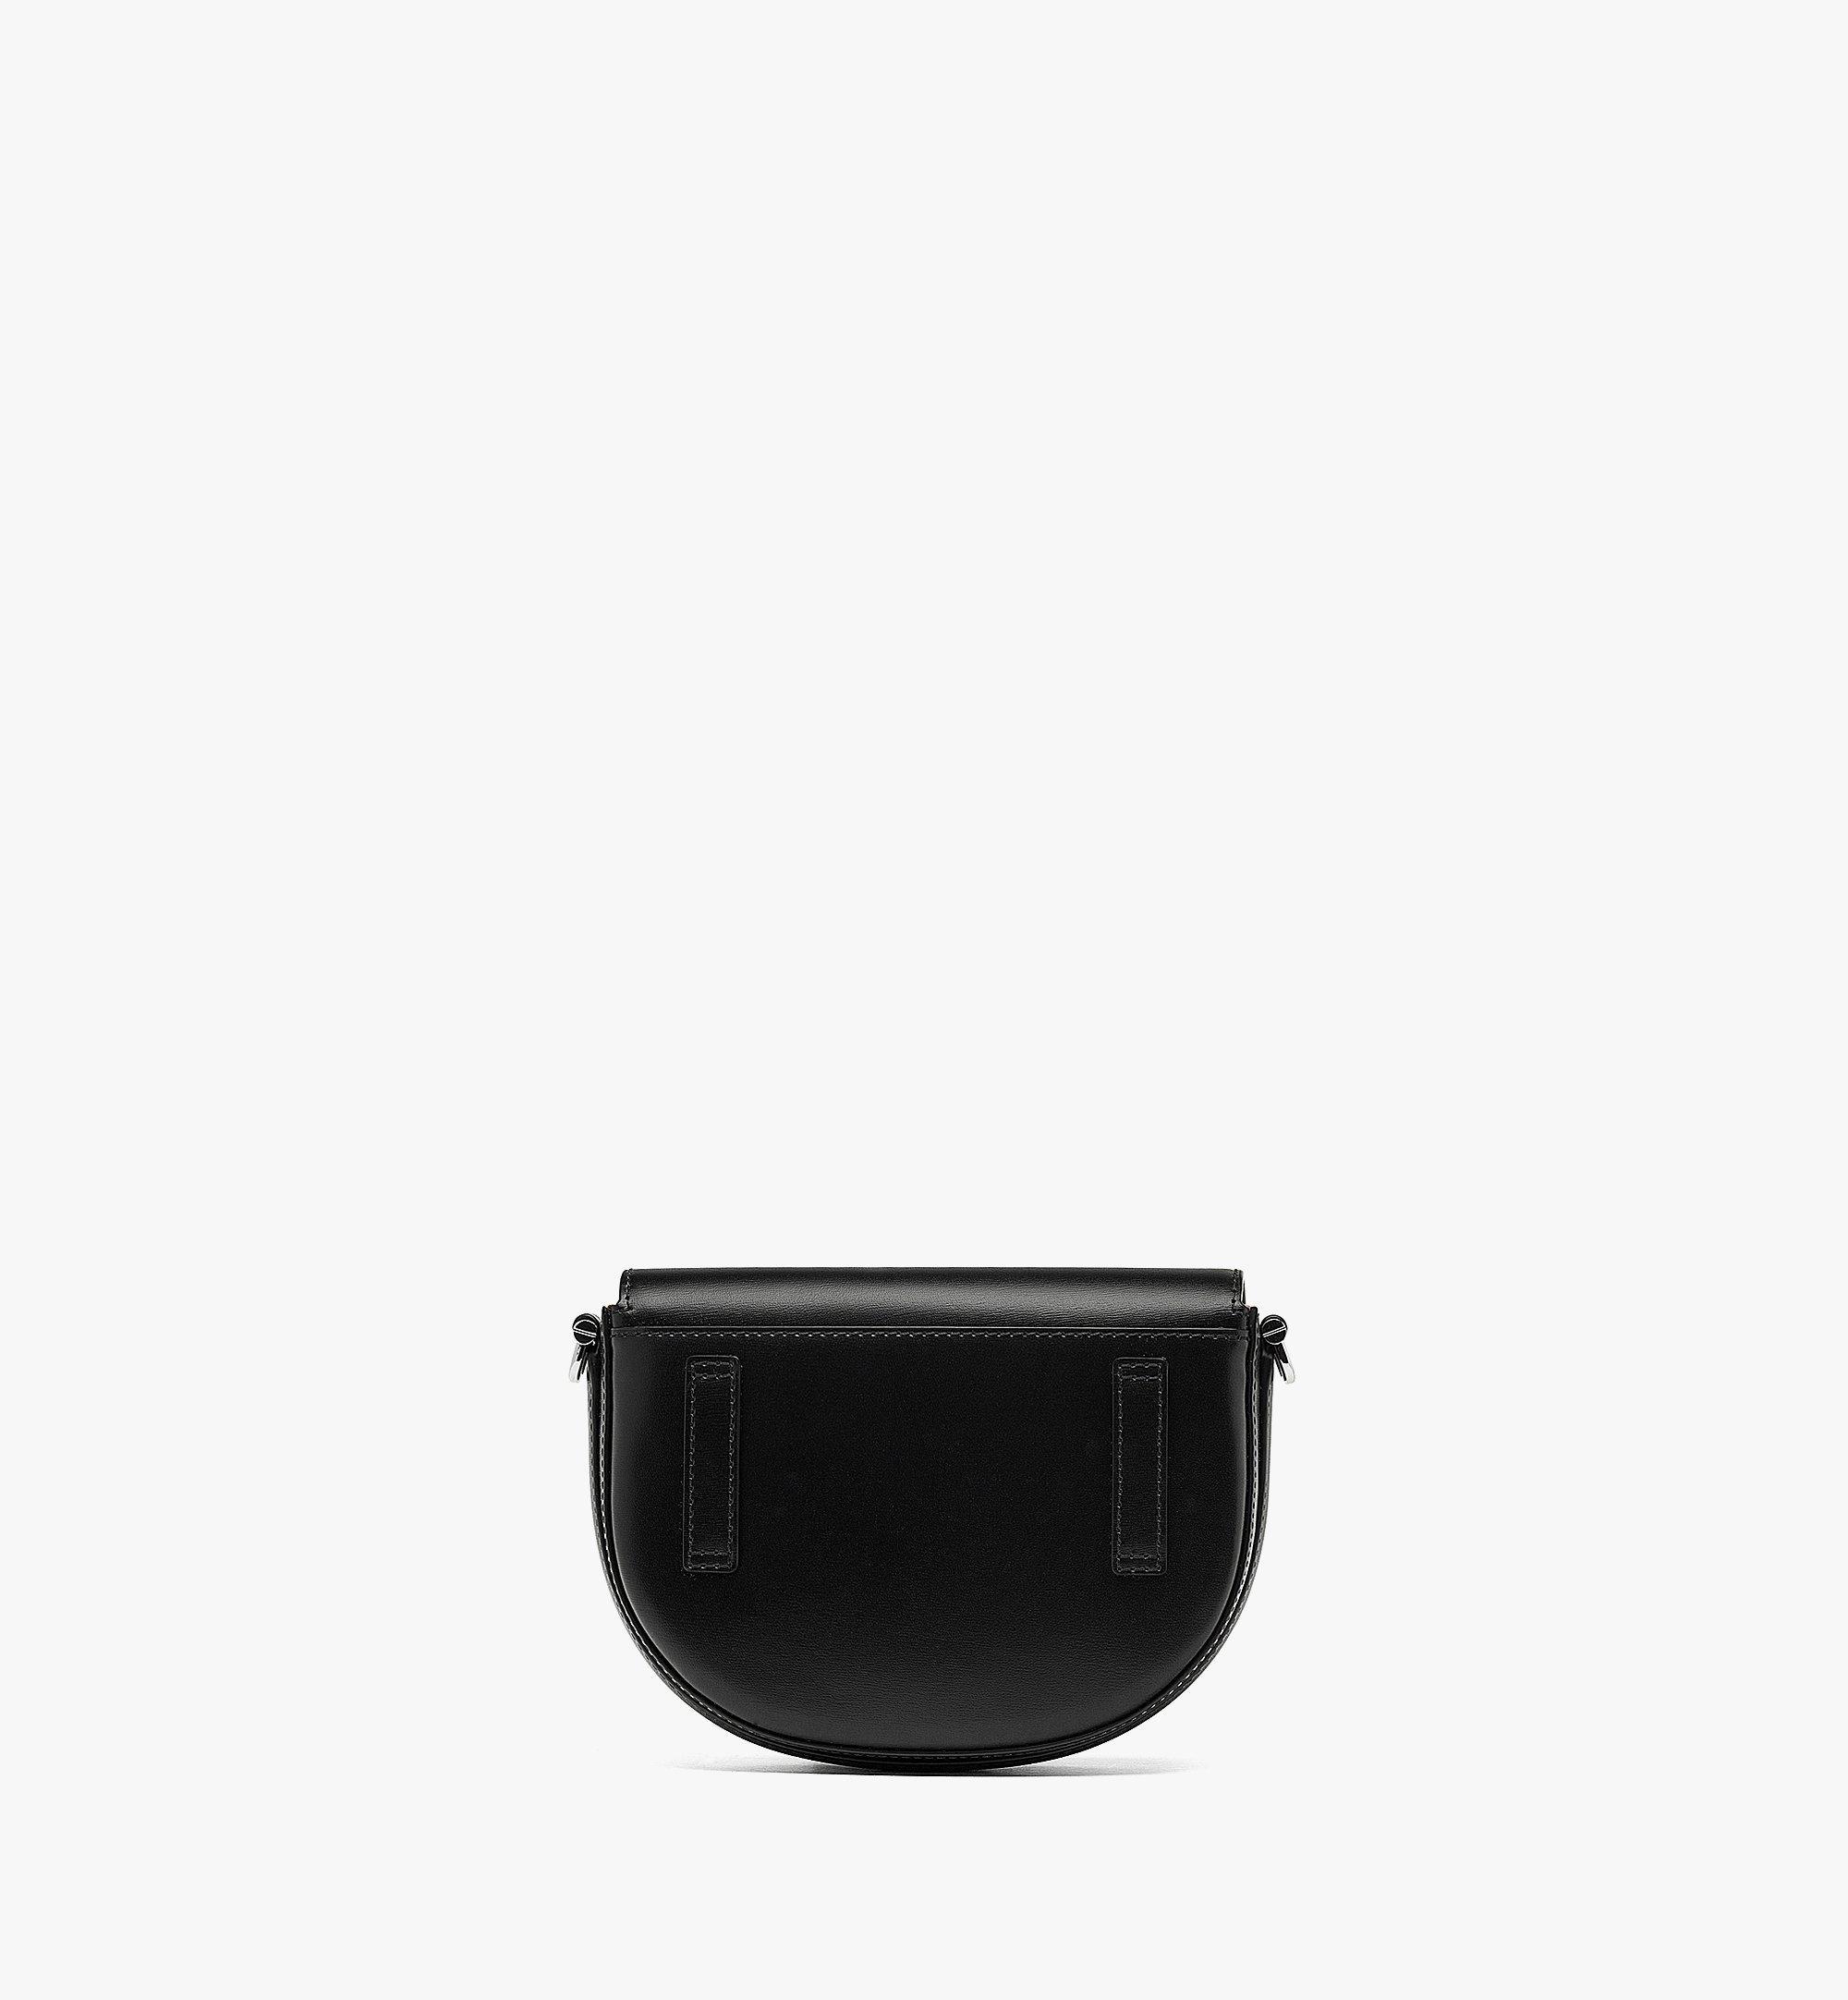 MCM Patricia Crossbody-Tasche aus geprägtem spanischen Leder Black MWRBAPA01BK001 Noch mehr sehen 3